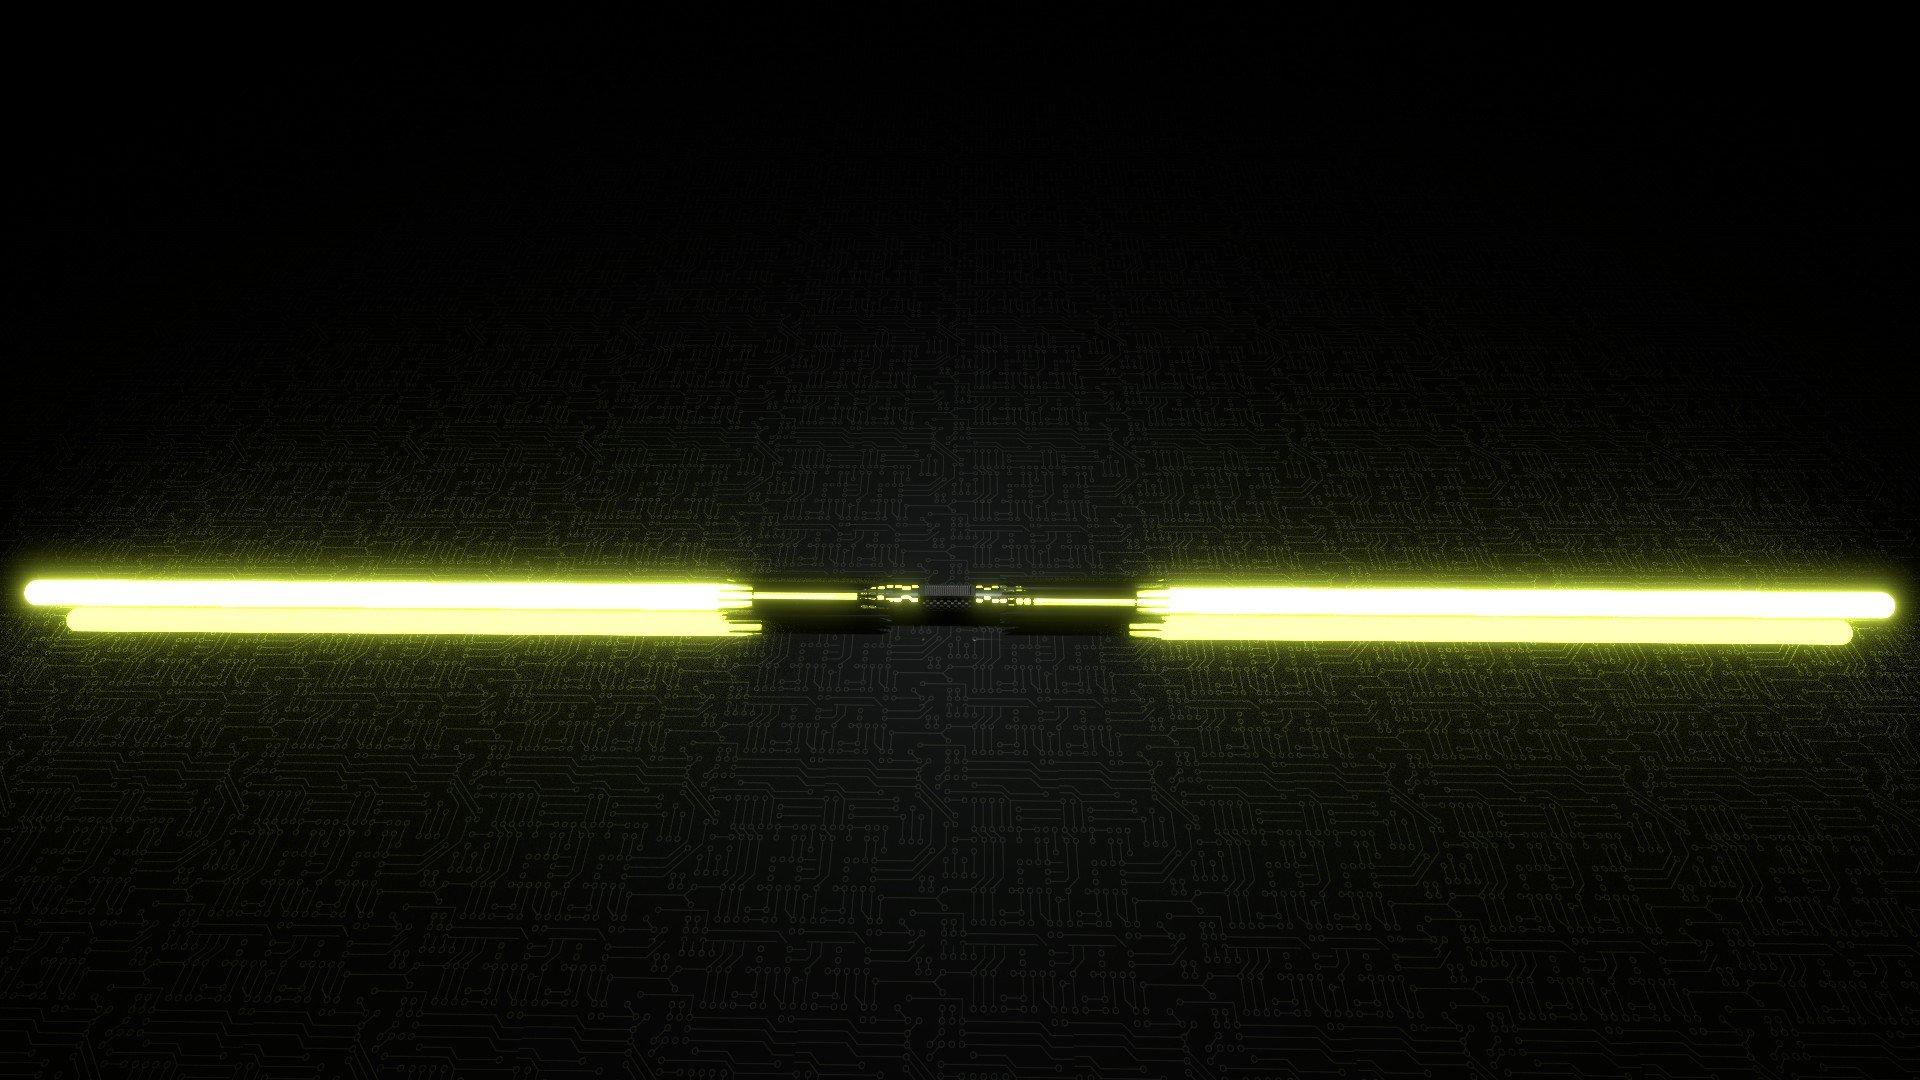 Star Wars Rey S Blue Lightsaber Vs Kylo Ren S Red Lightsaber Hd